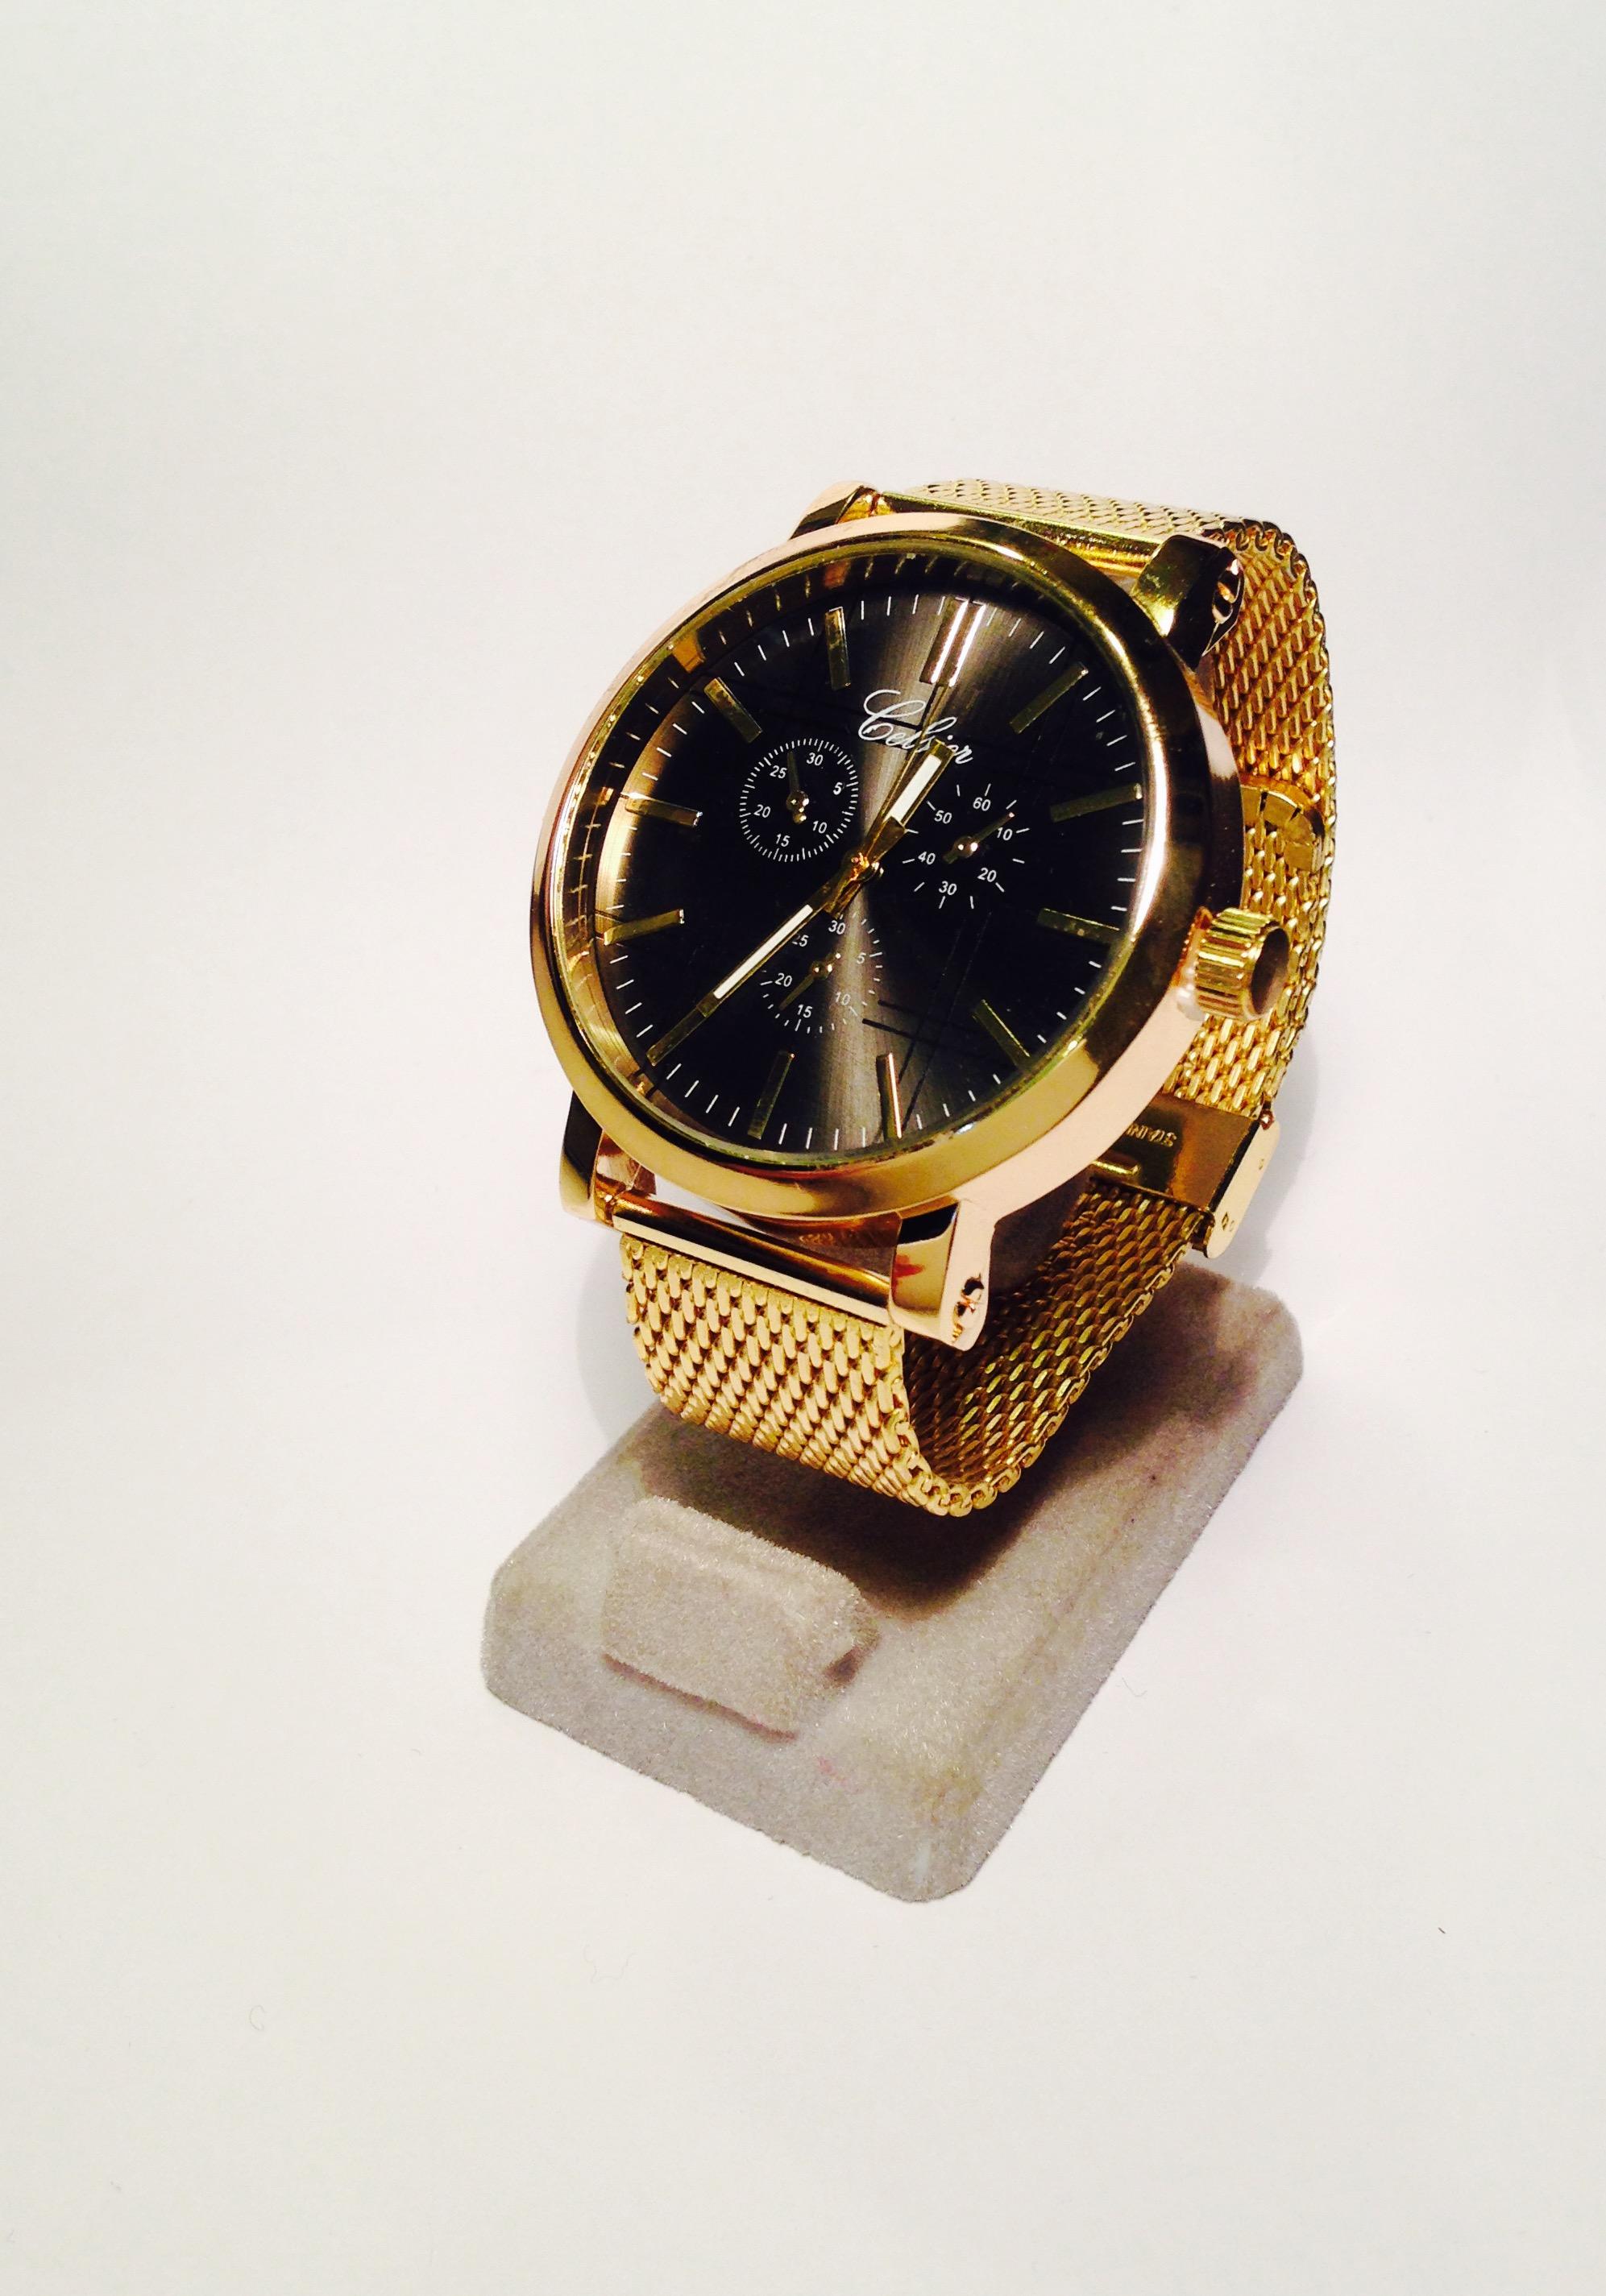 a6a0019a401fe Montre homme cadran rond,noir bracelet plaqué or,garantie 2 ans  mouvement,plaquage,pile